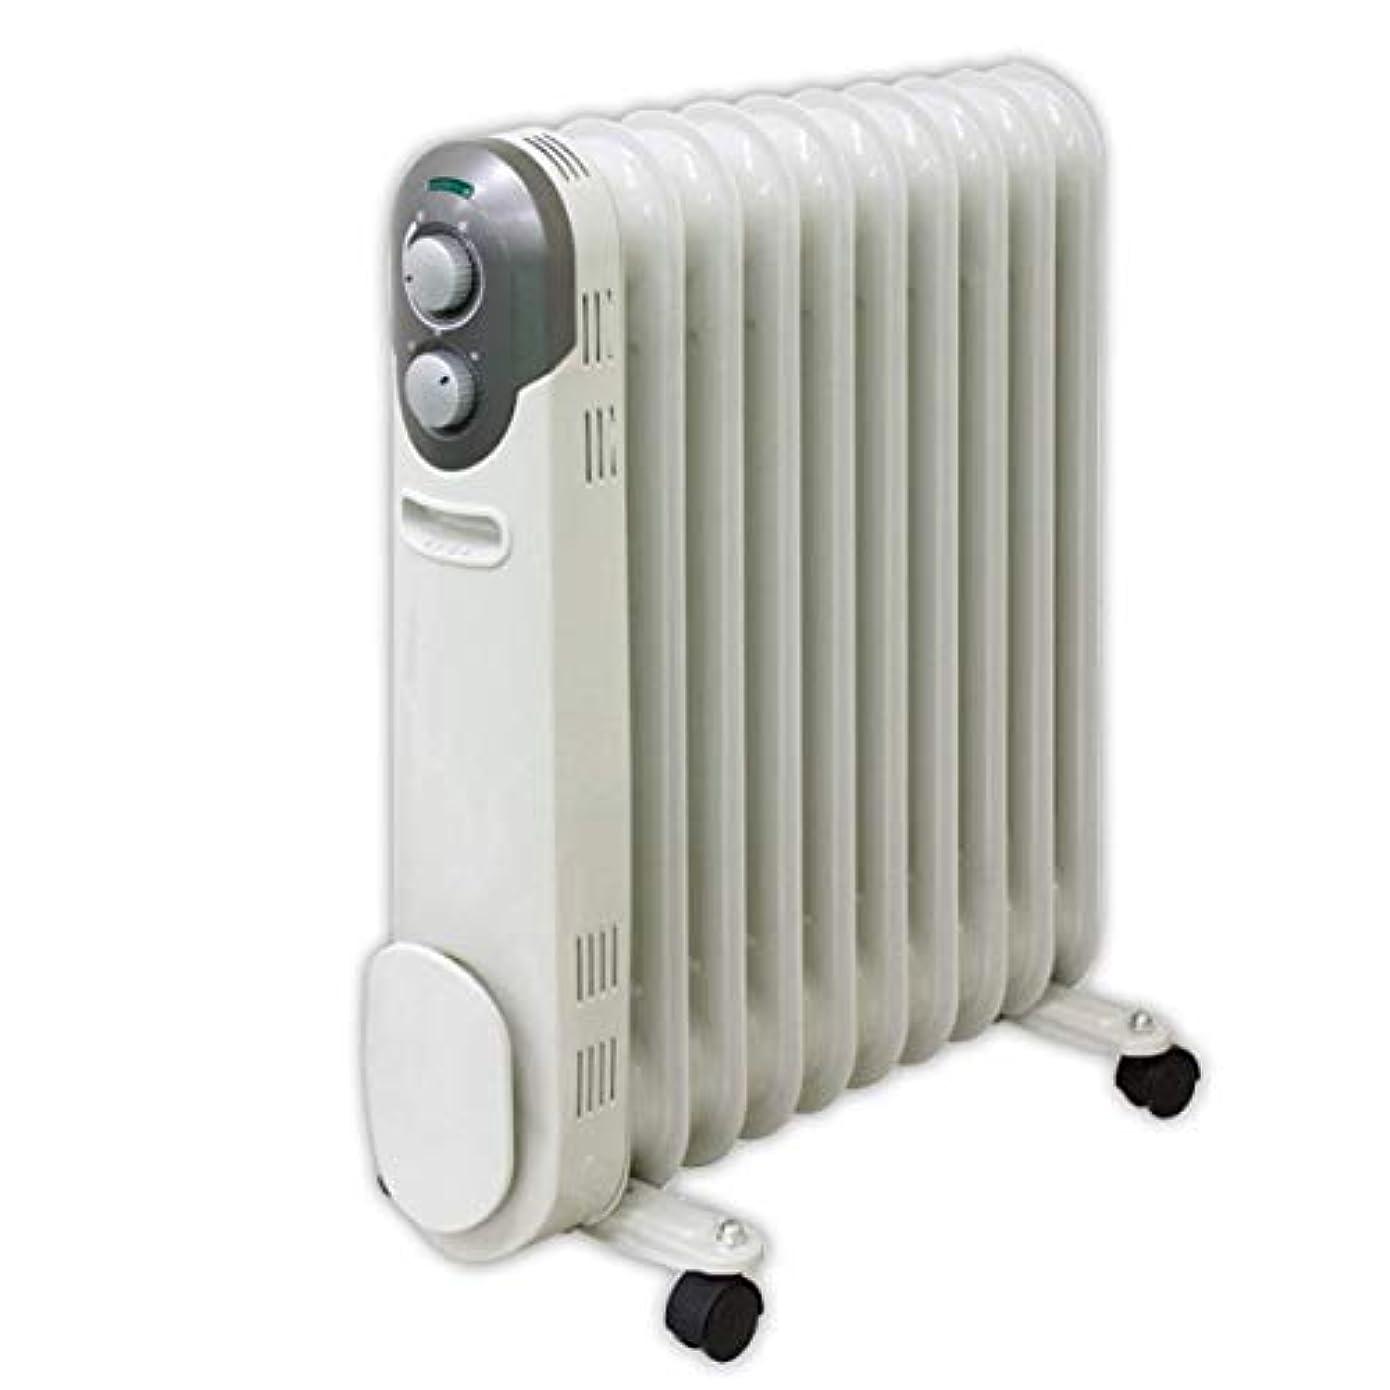 気づかない帽子カバレッジ[山善] オイルヒーター(1200/700/500W 3段階切替式)(温度調節機能付) ホワイト DO-L124(W) [メーカー保証1年]